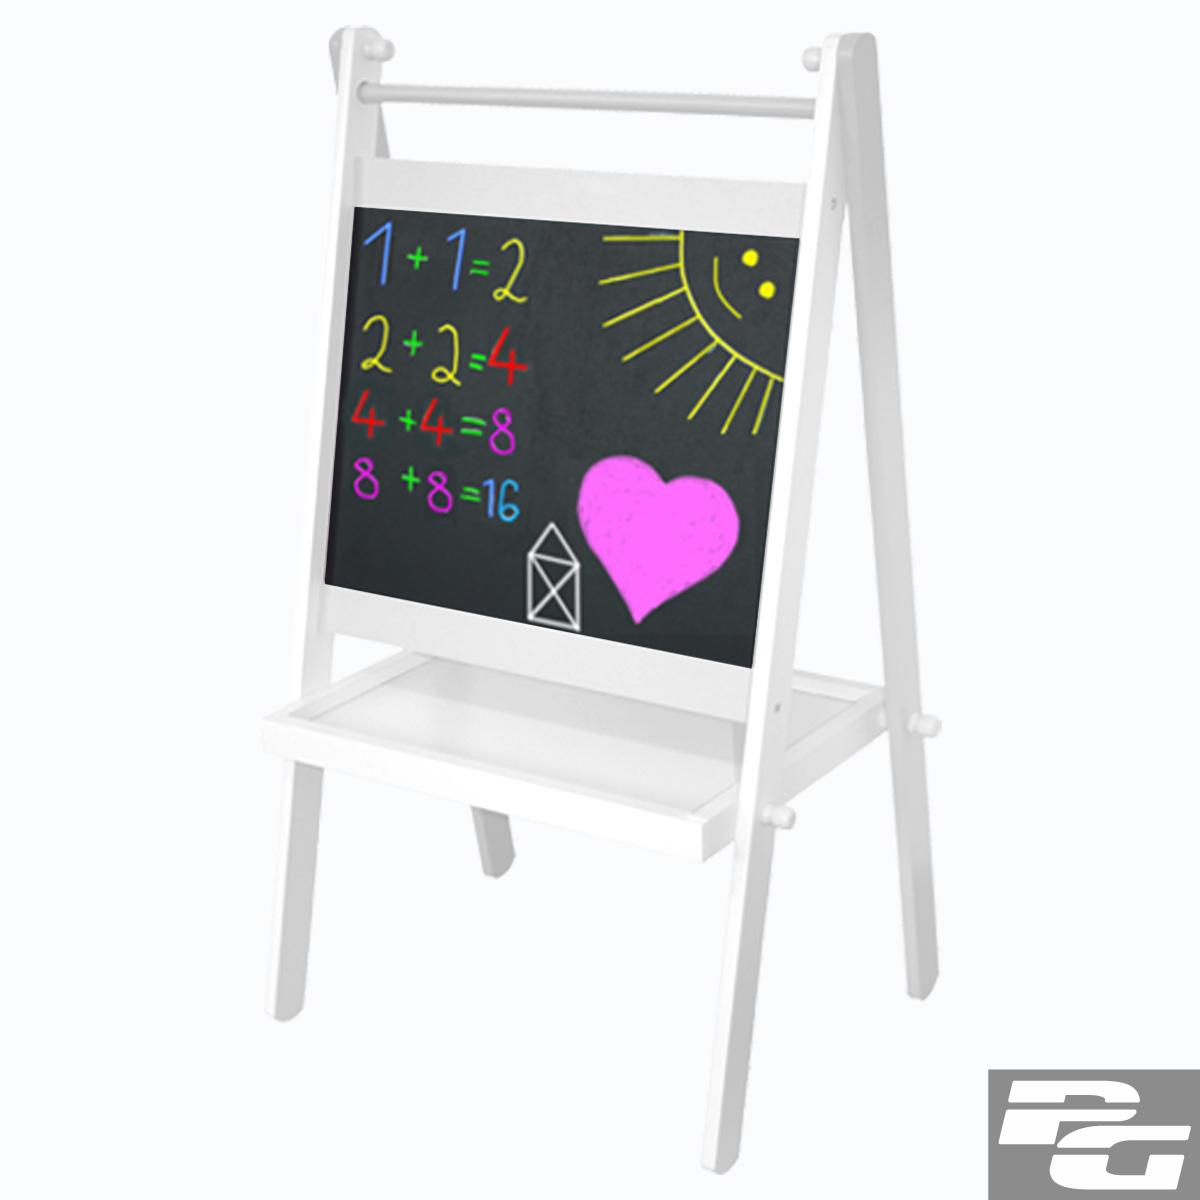 maltafel kindertafel schreibtafell magnet tafel standtafel. Black Bedroom Furniture Sets. Home Design Ideas